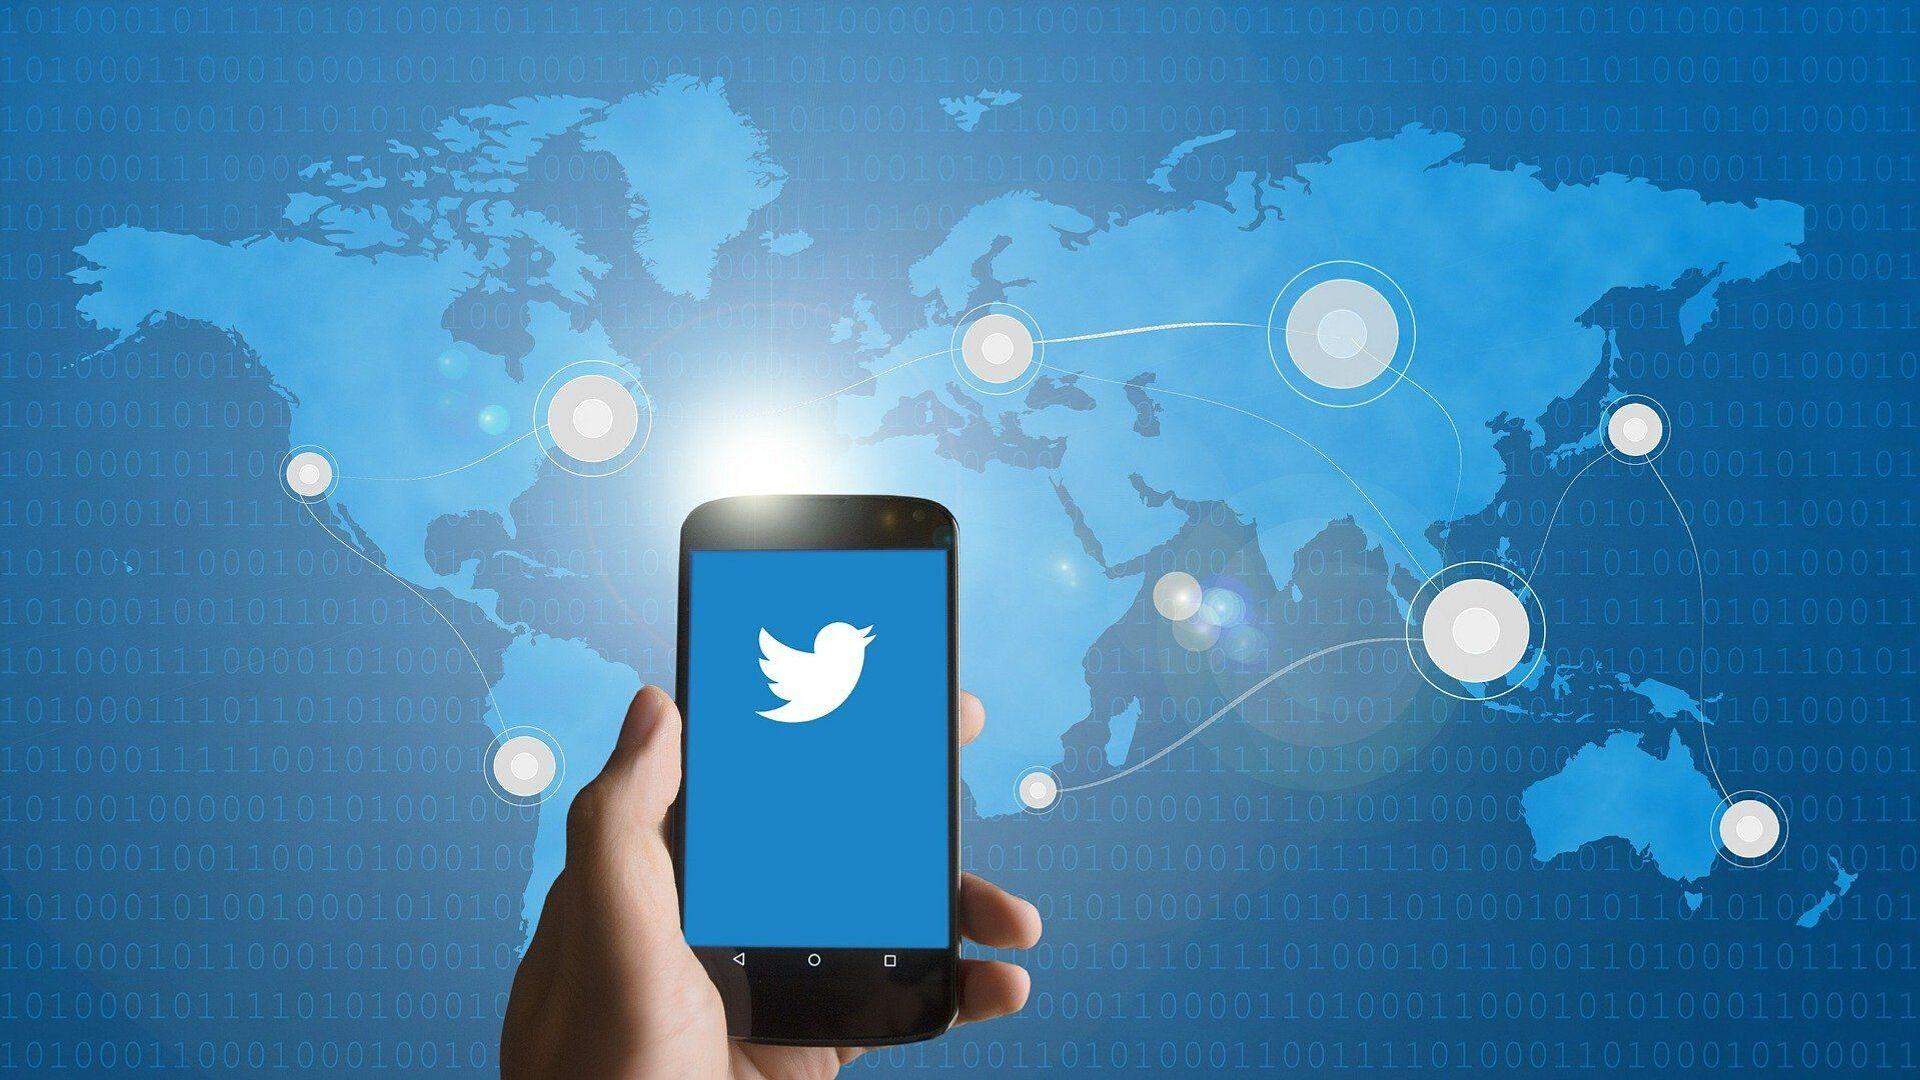 Un smartphone con el logo de Twitter (imagen referencial) - Sputnik Mundo, 1920, 10.03.2021